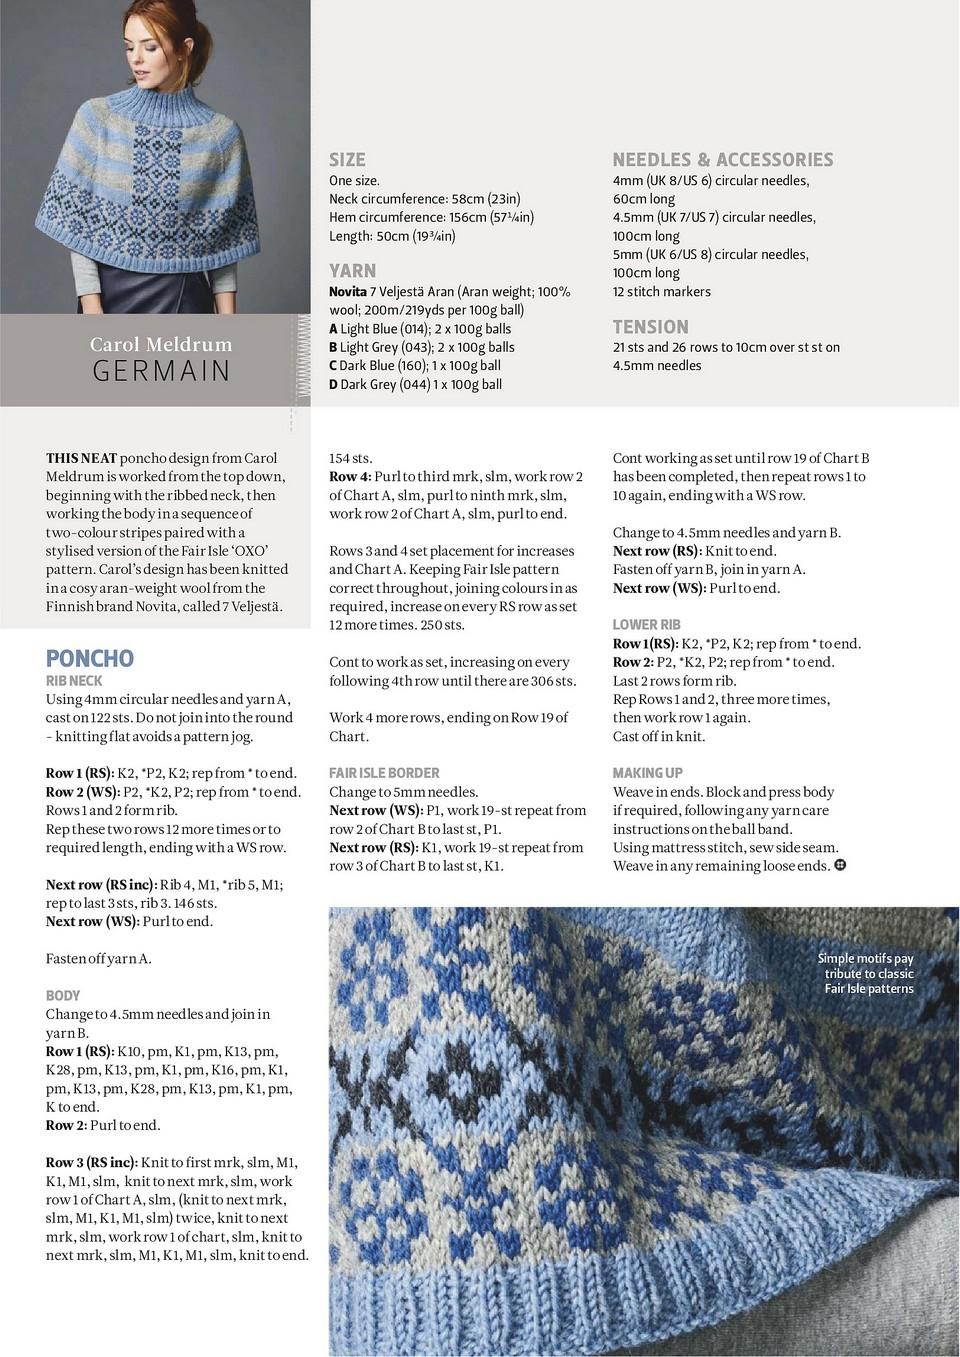 132The-Knitter-057